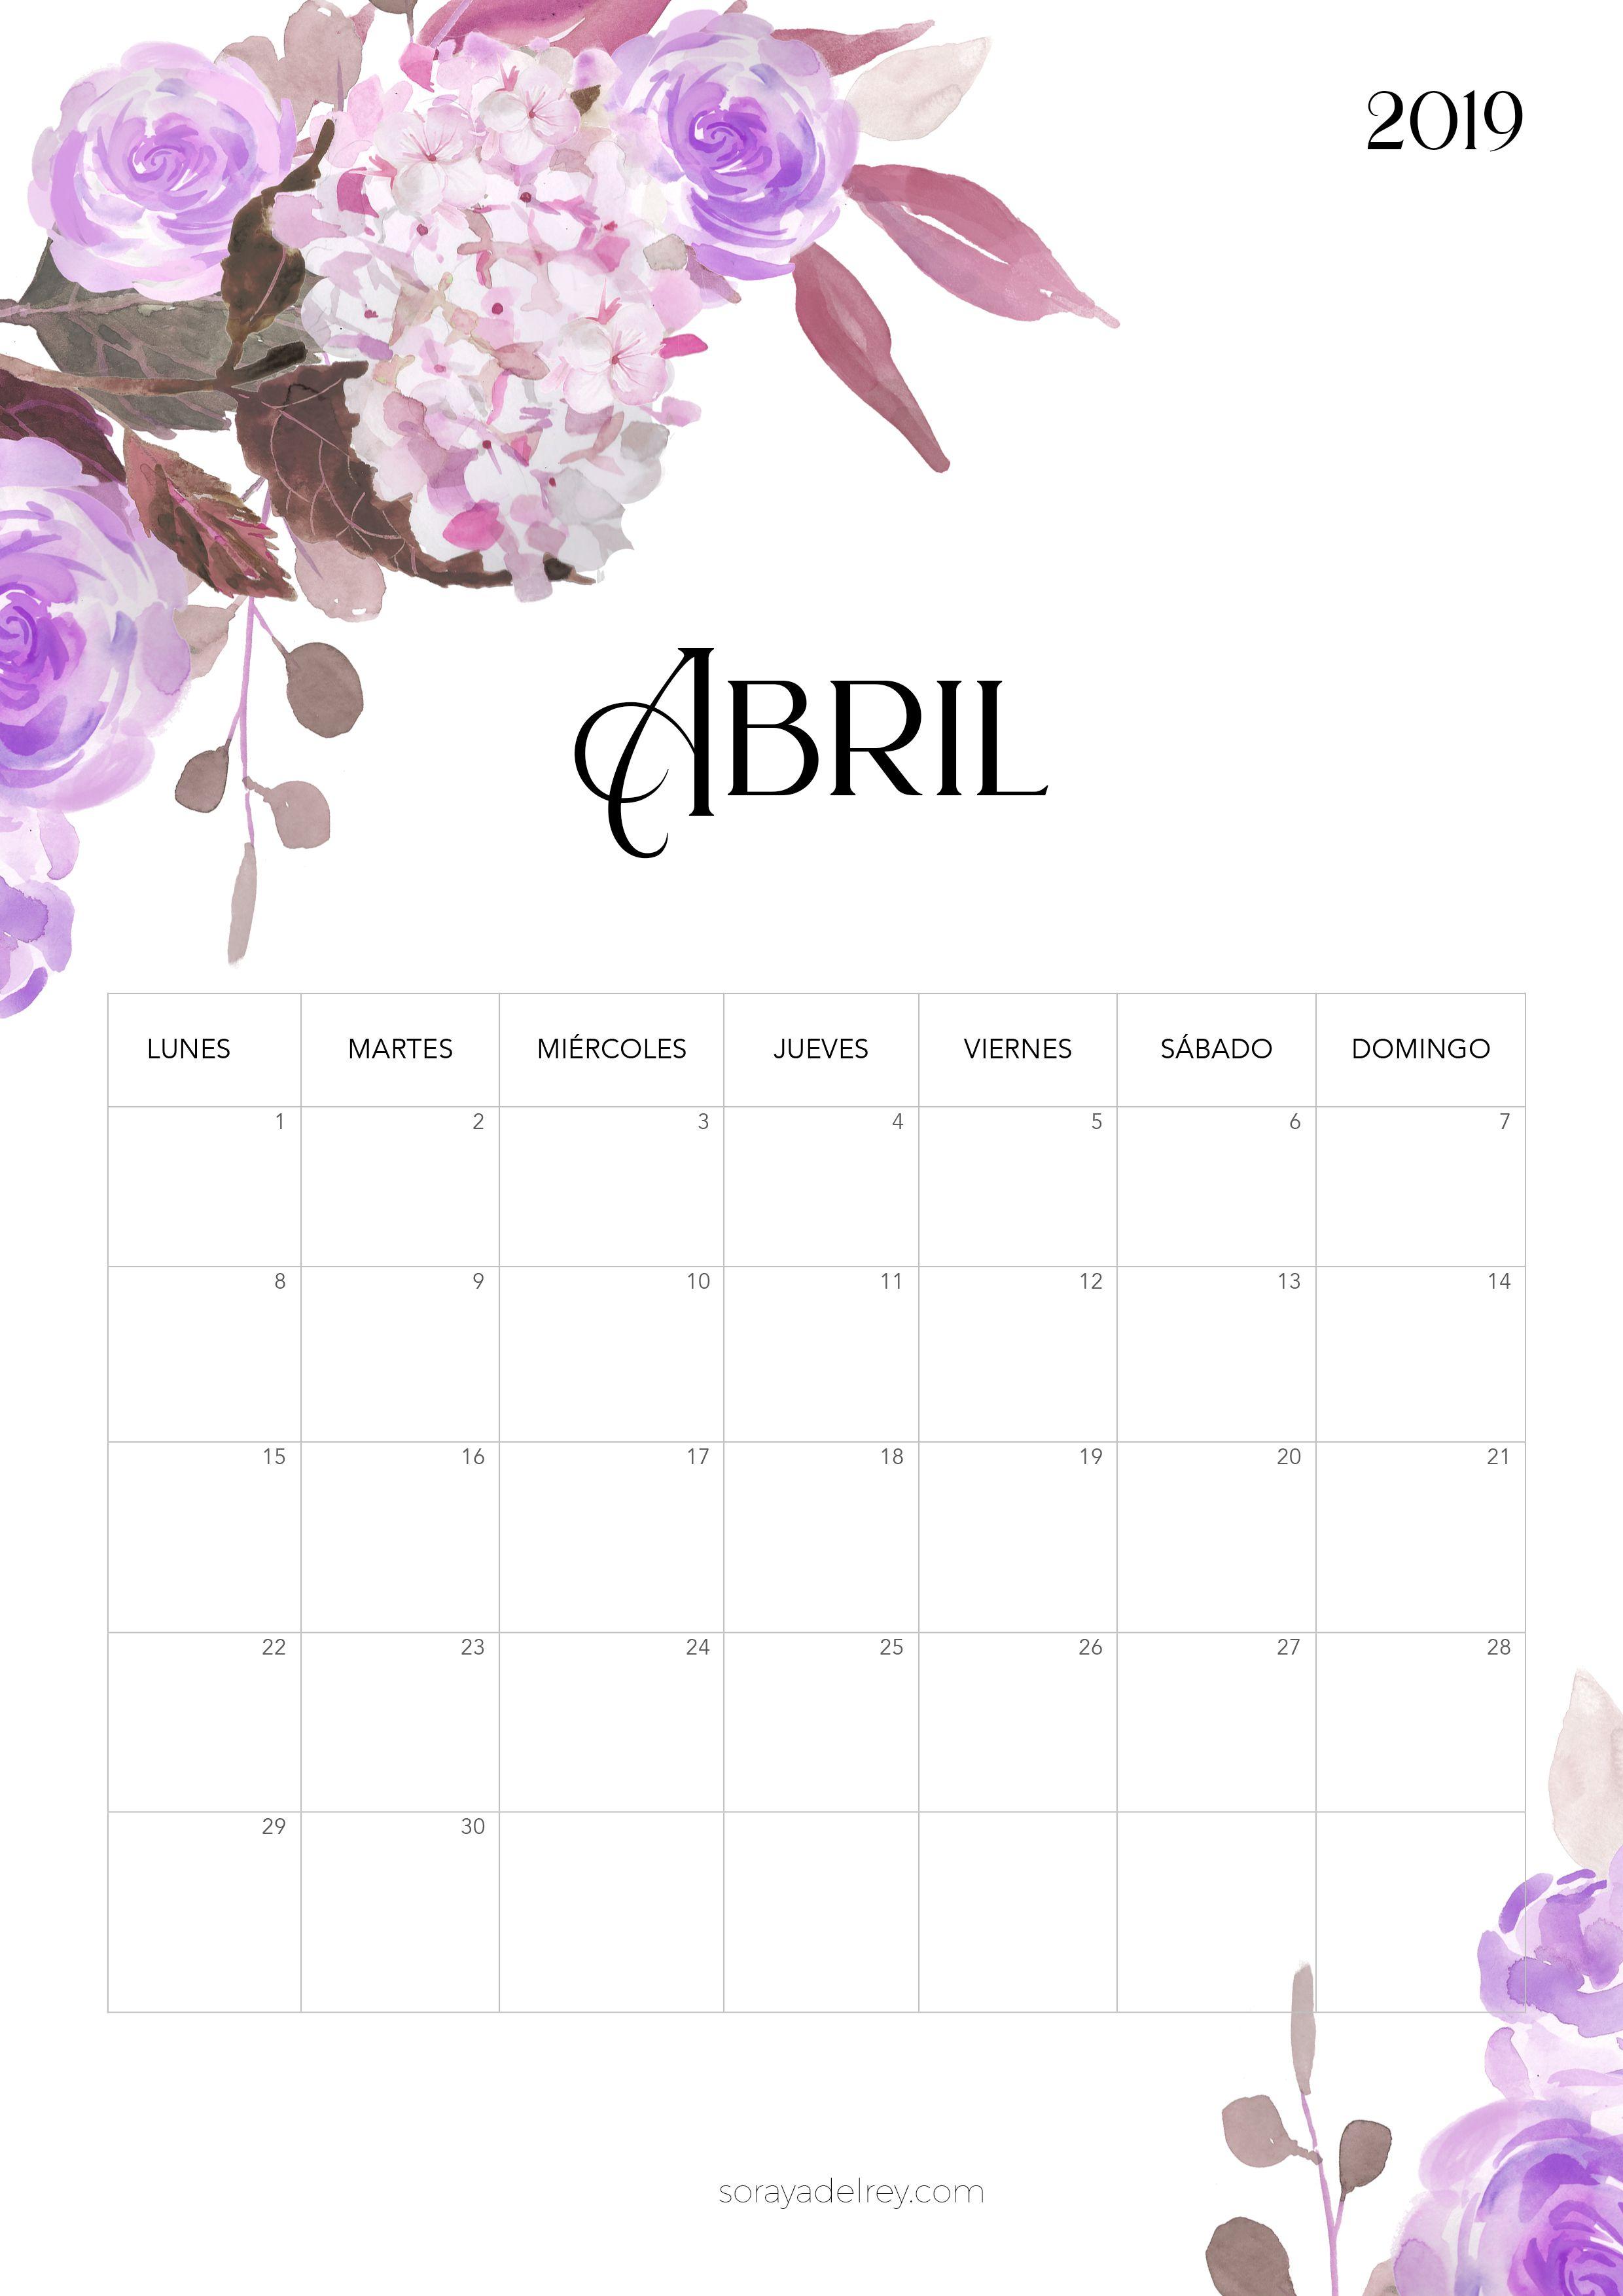 Calendario Imprimir Abril 2019.Calendario Para Imprimir 2018 2019 Ideias Com Cadernos